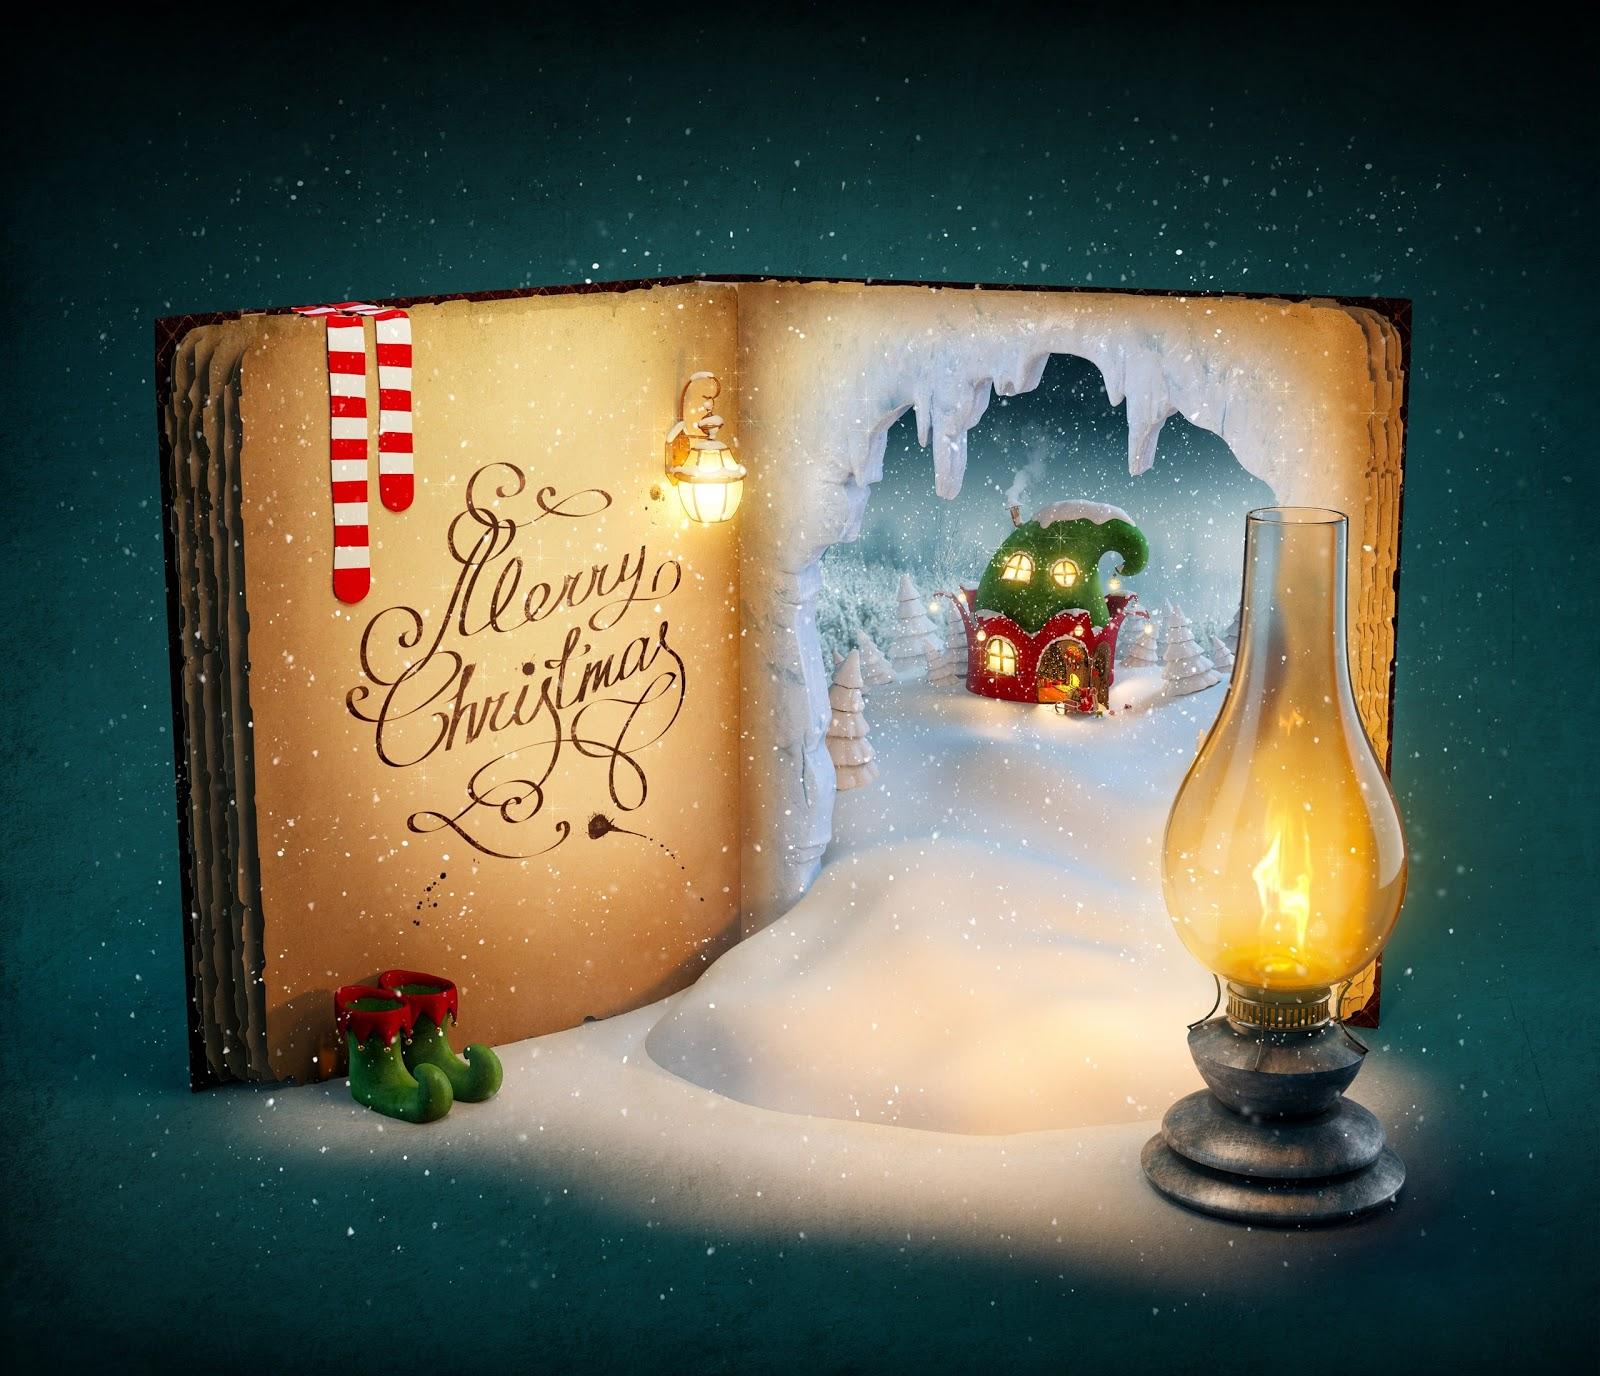 libro, scritta buon natale, lume, neve